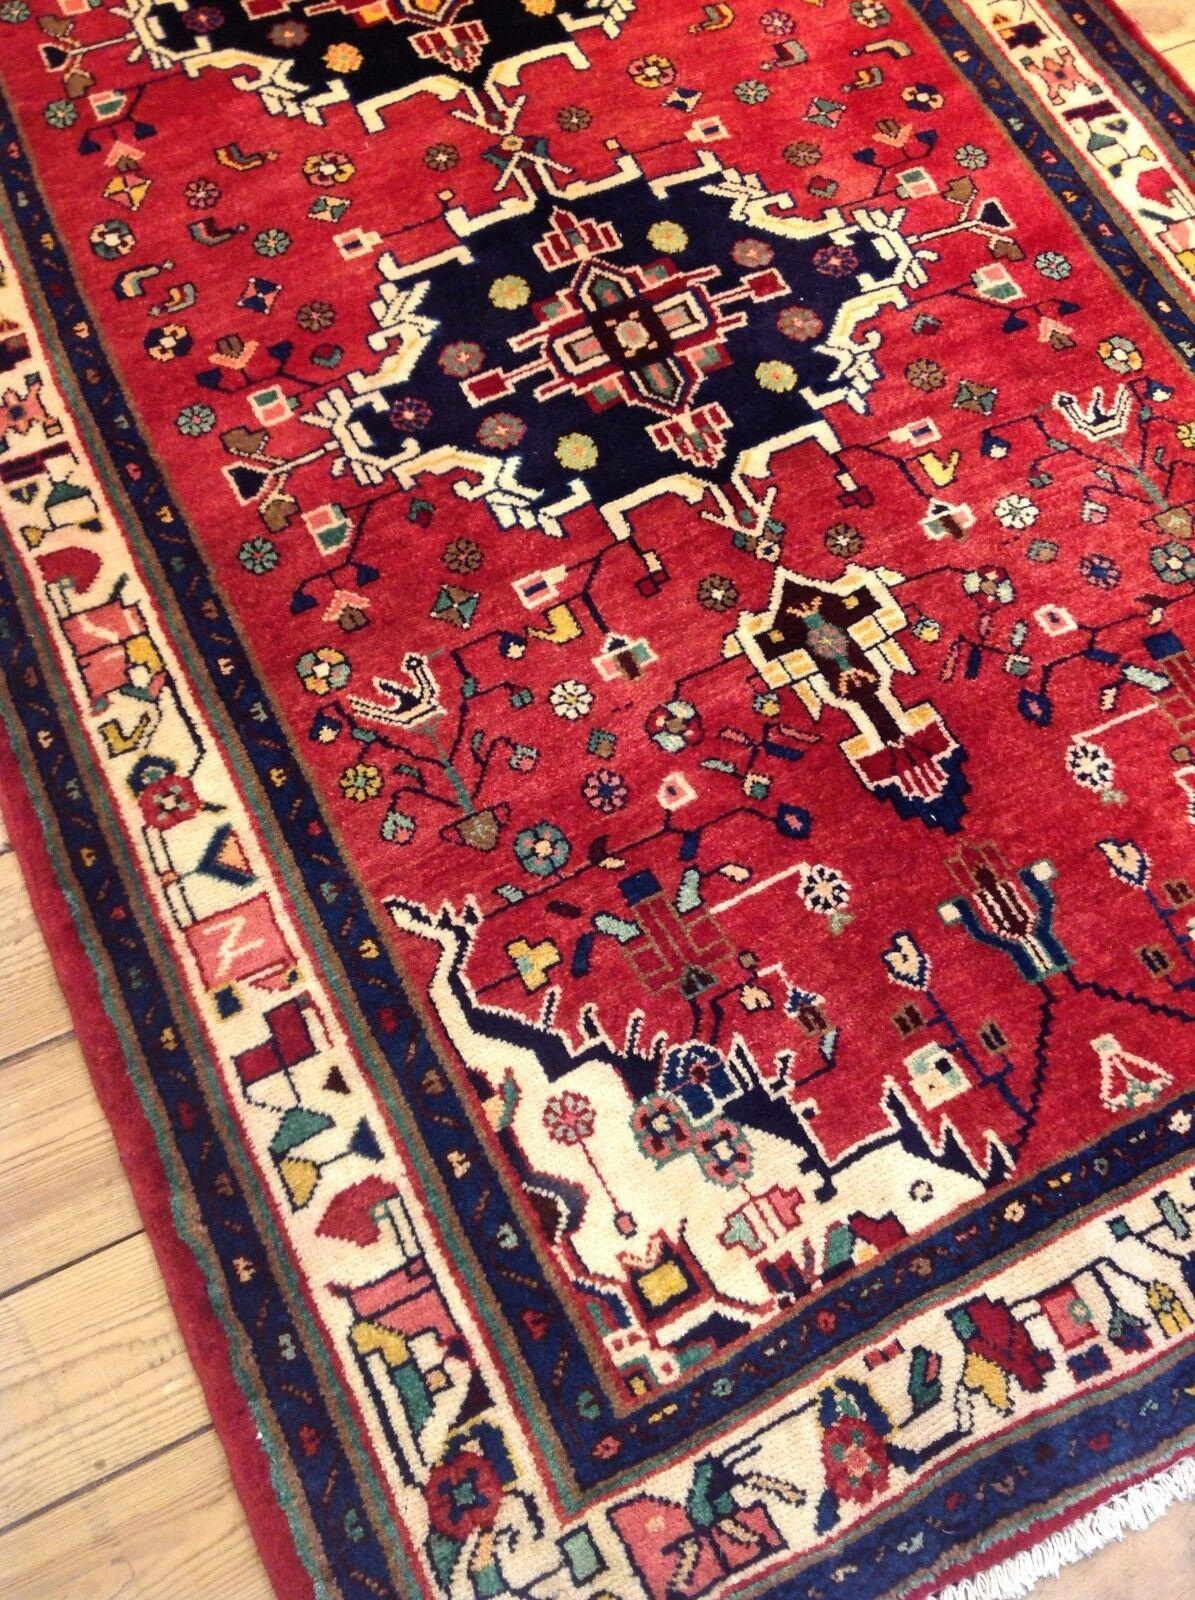 Precioso alfombra persa alfombras orientales alfil (285 x 128 cm) Top nuevo